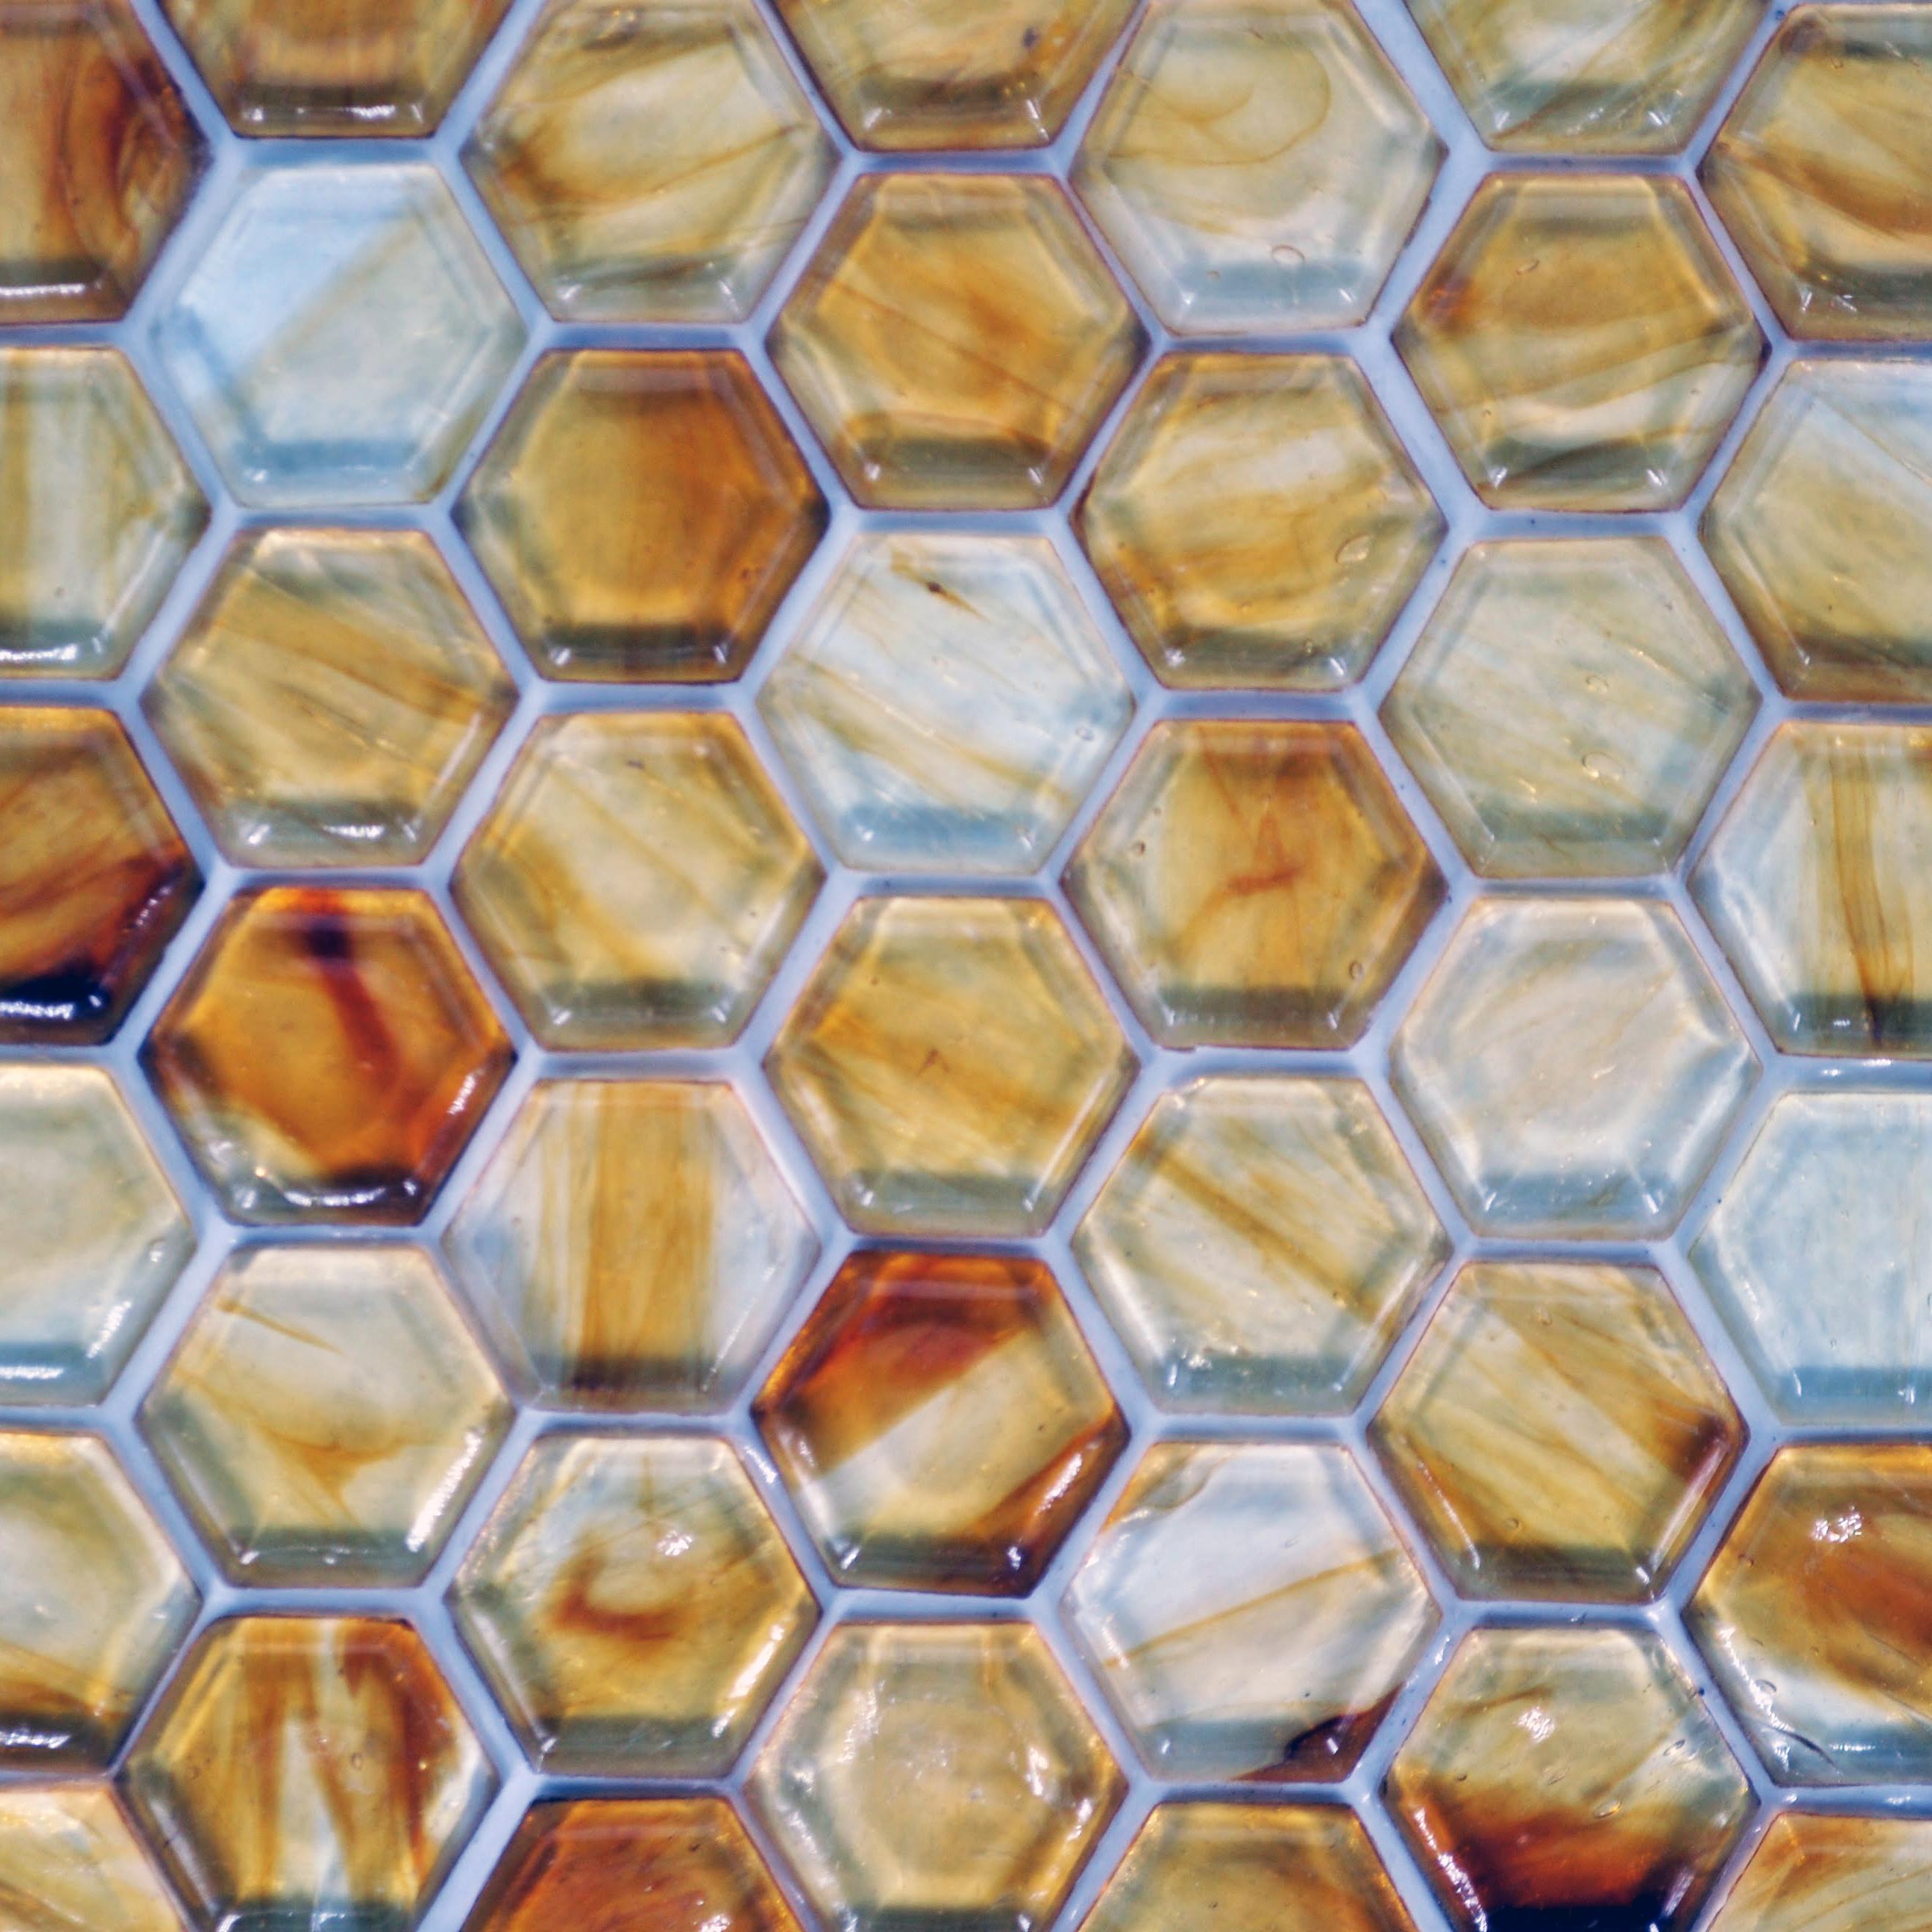 Fusion glass honey 04f 1 x 1 hex bella casa tile collection for Bella casa tiles